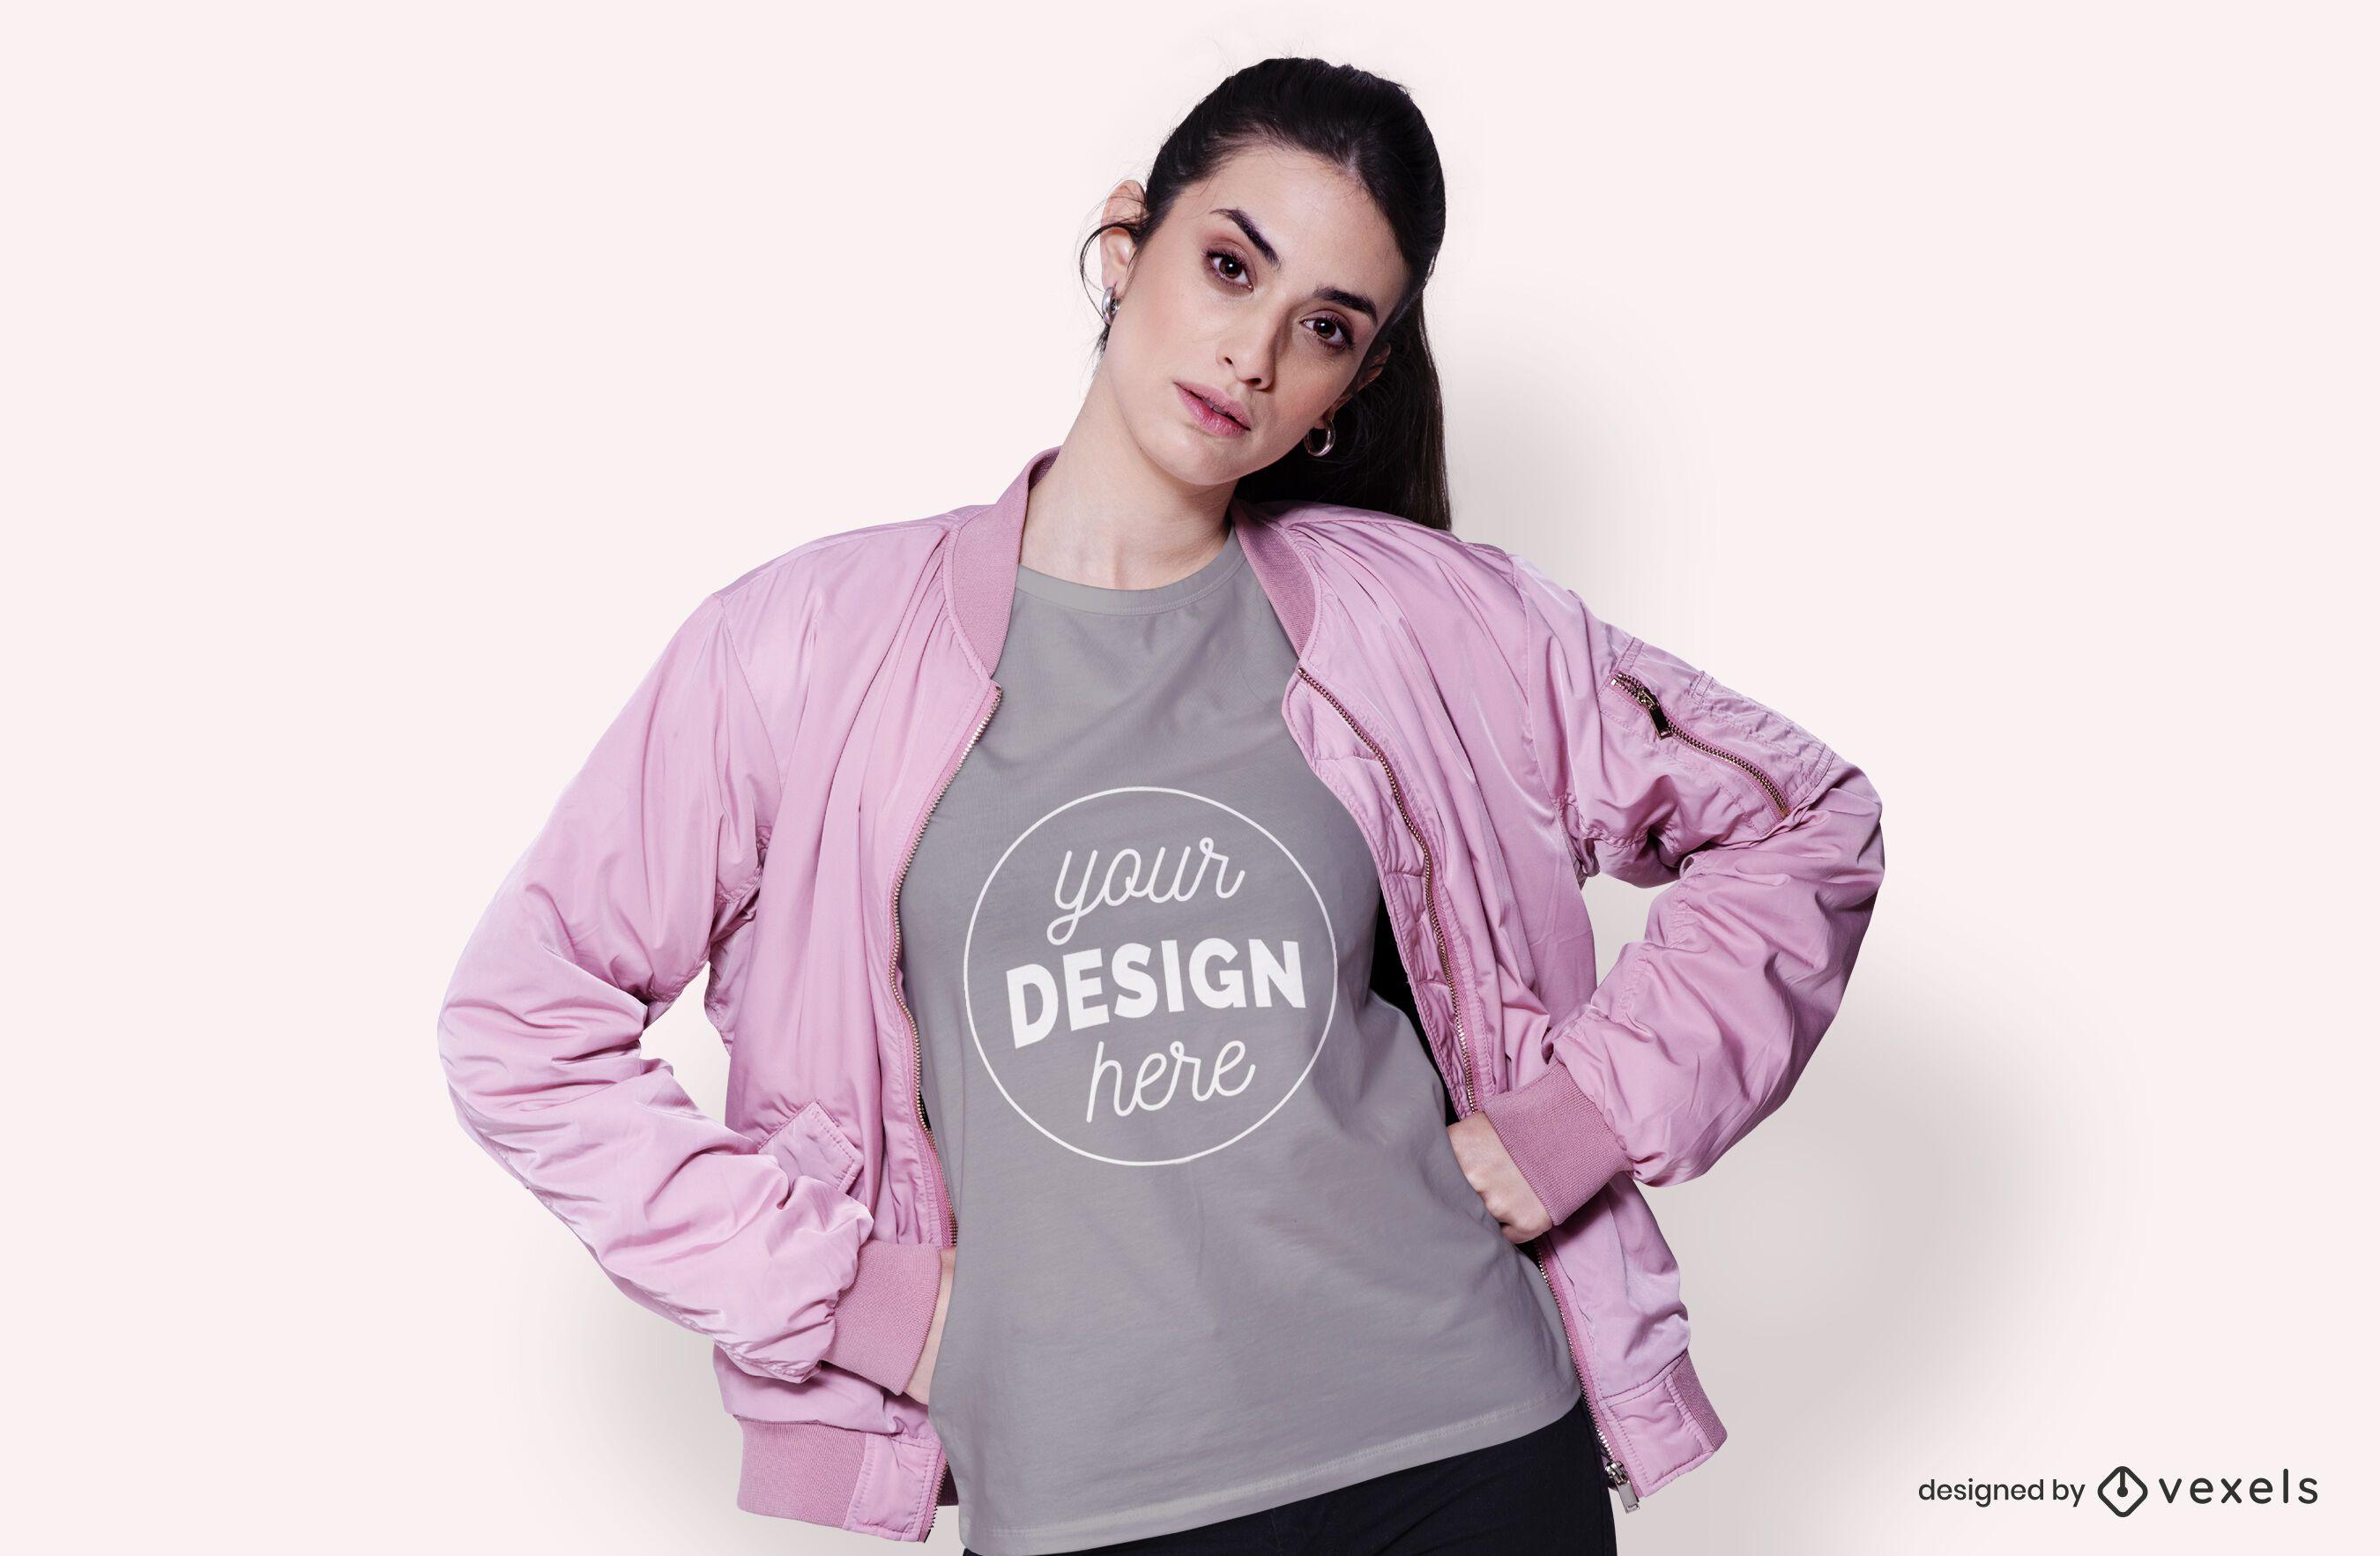 Modelo com maquete de jaqueta e camiseta